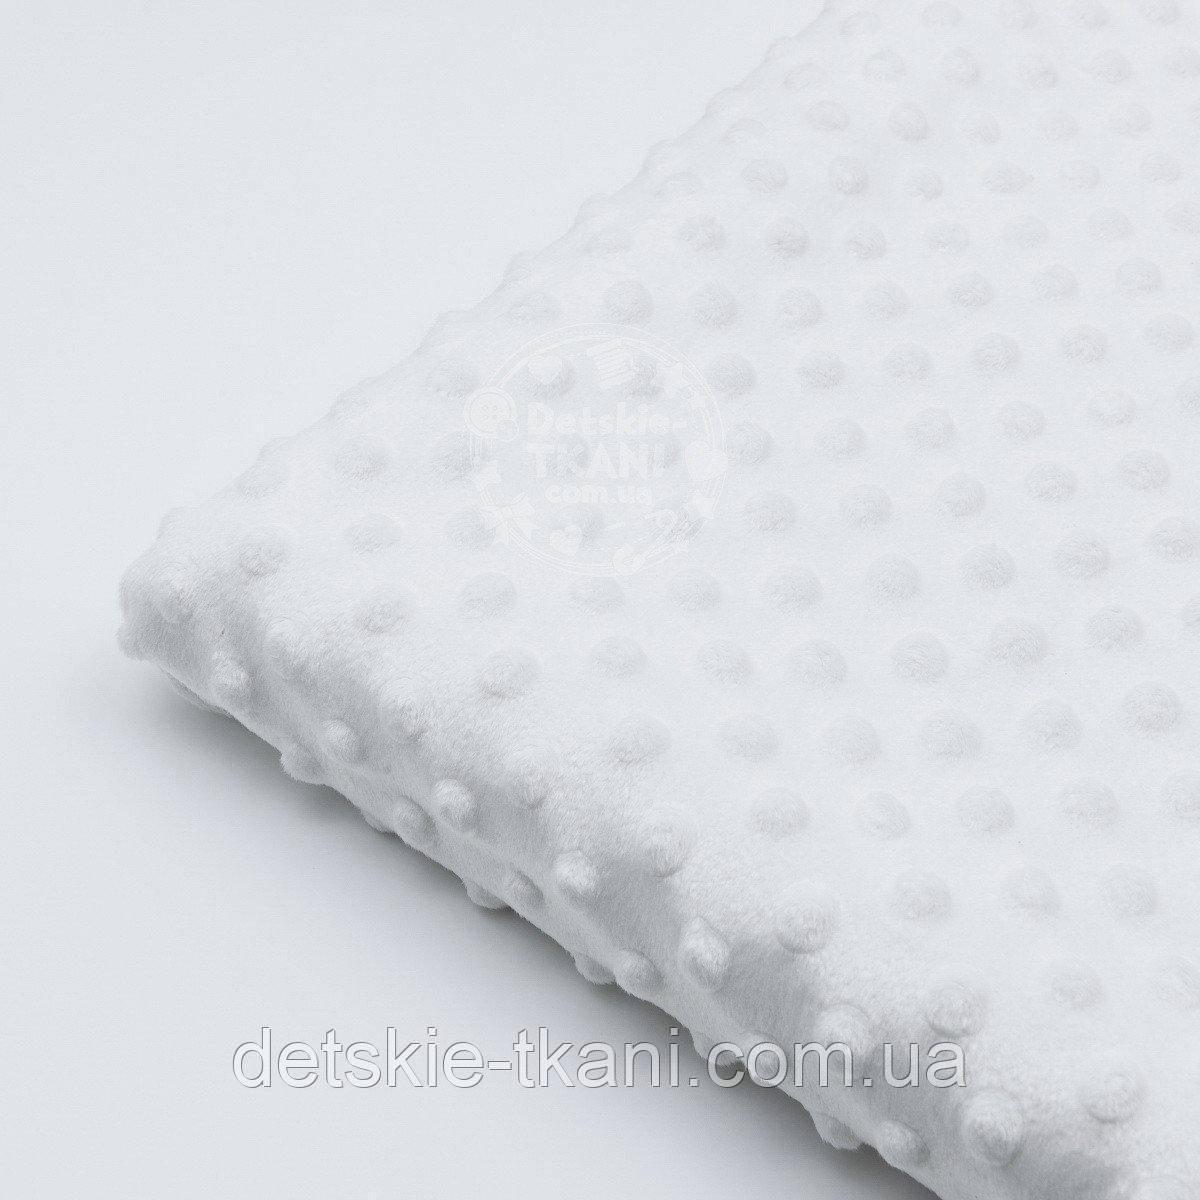 Лоскут М-10плюша минки белого цвета, размер 100*80 см (есть загрязнение)